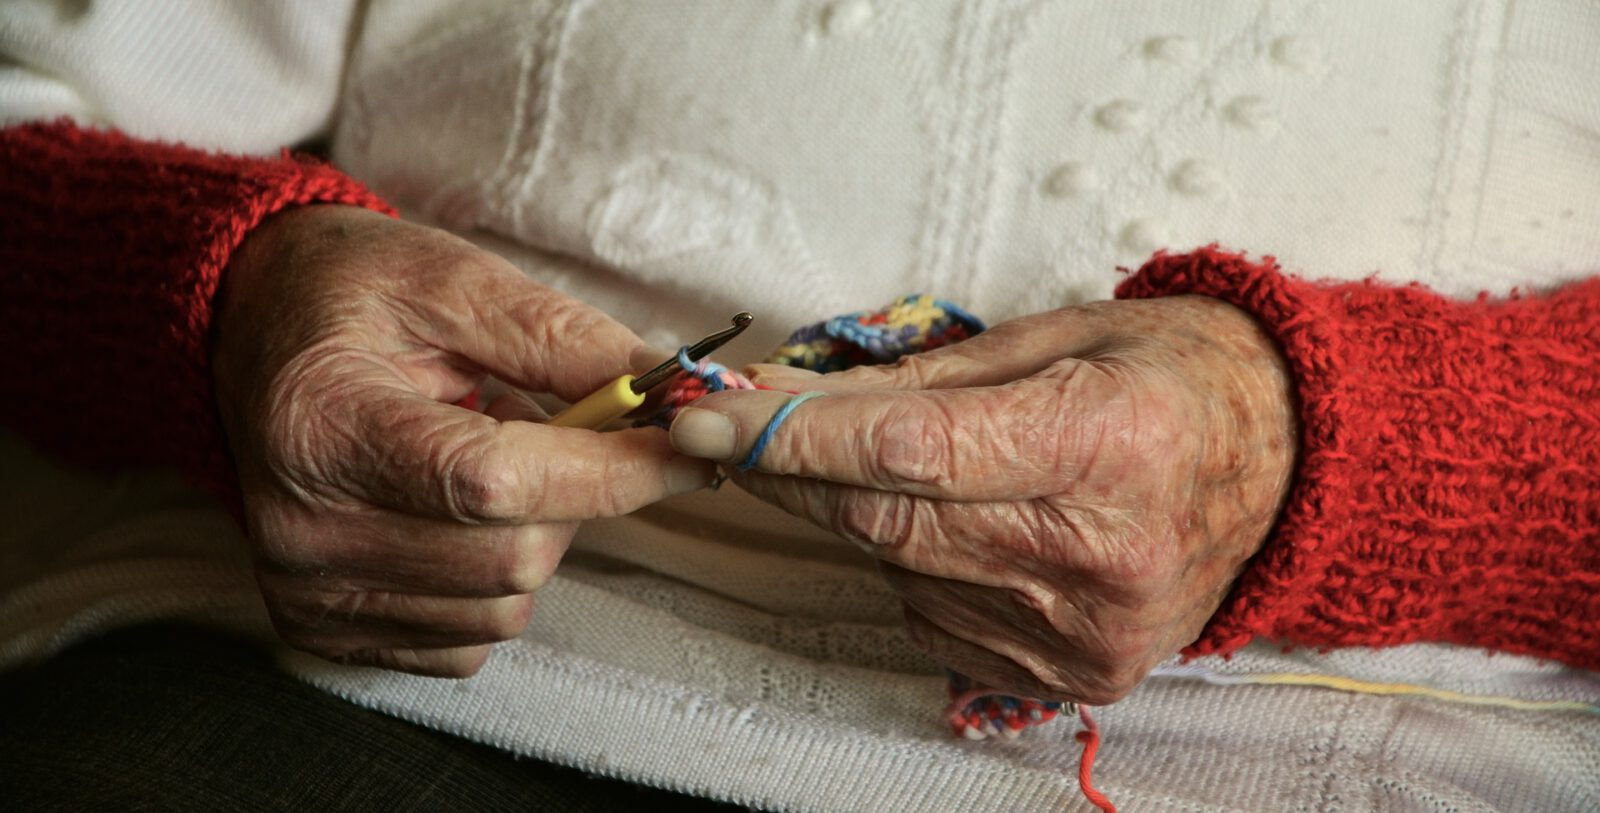 Zbliżenie dłoni seniorki z szydełkiem